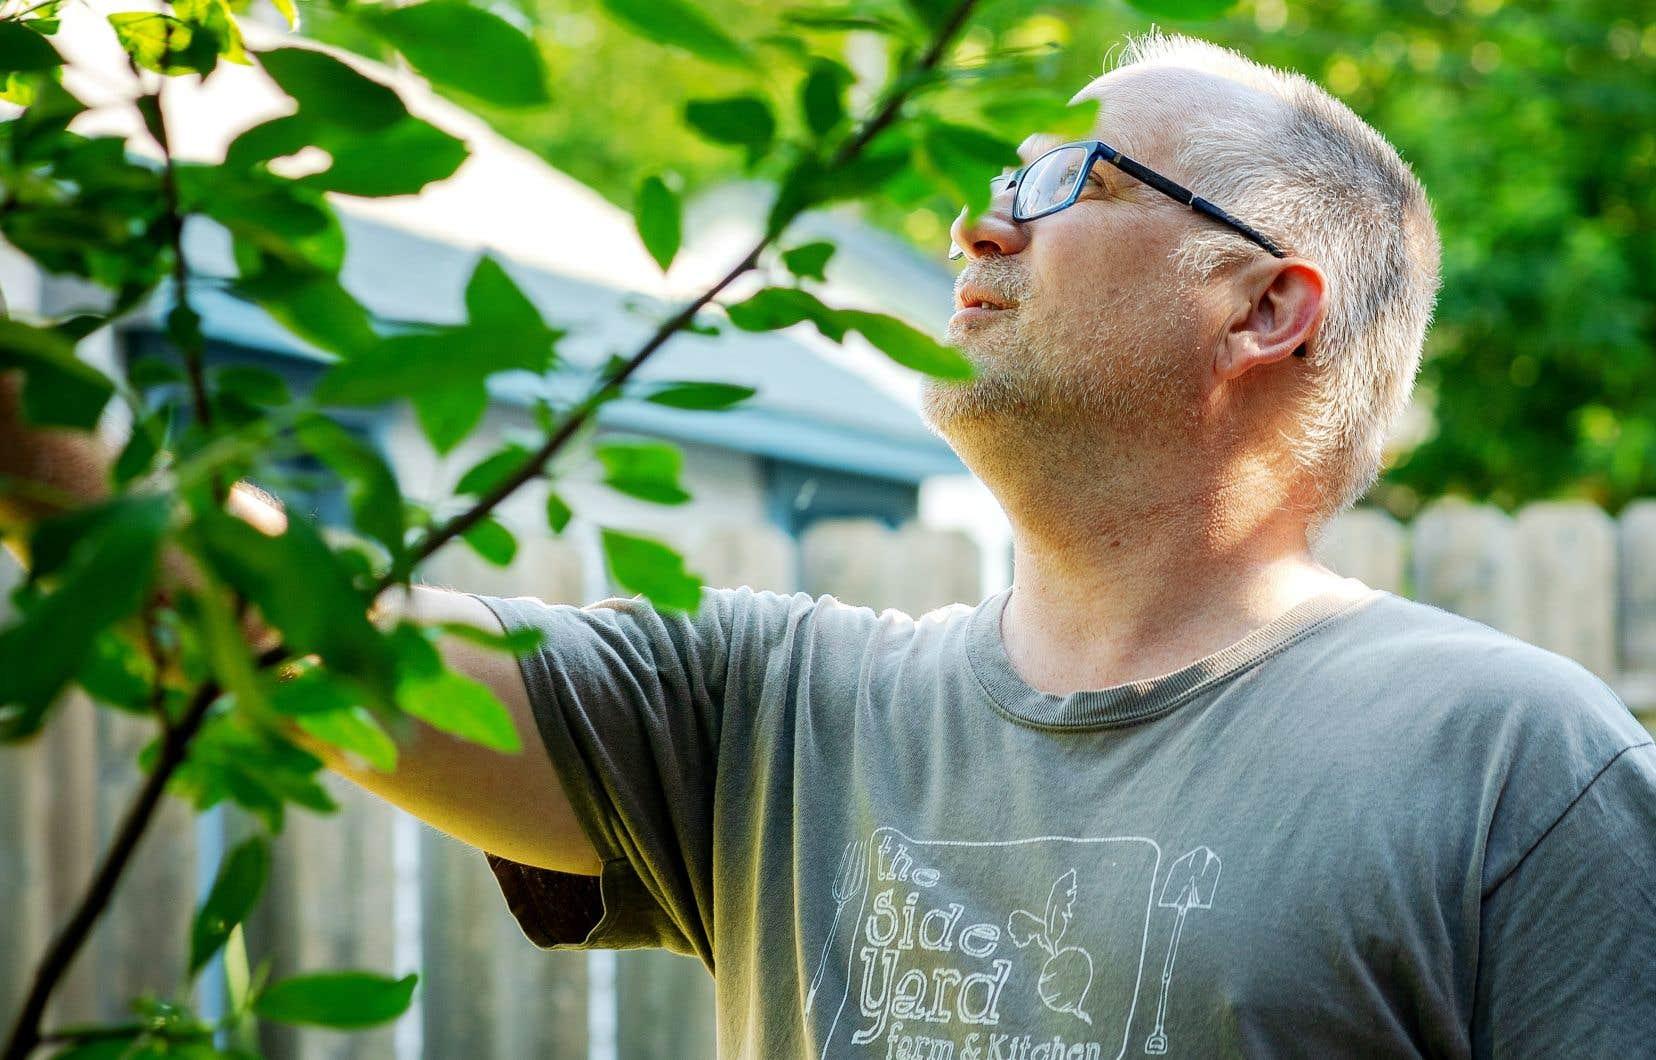 Éric Duchemin dans sa cour arrière, où sa conjointe et lui font pousser fruits et légumes, qui, pour la plupart, seront mis en conserve à l'automne pour éviter le gaspillage.